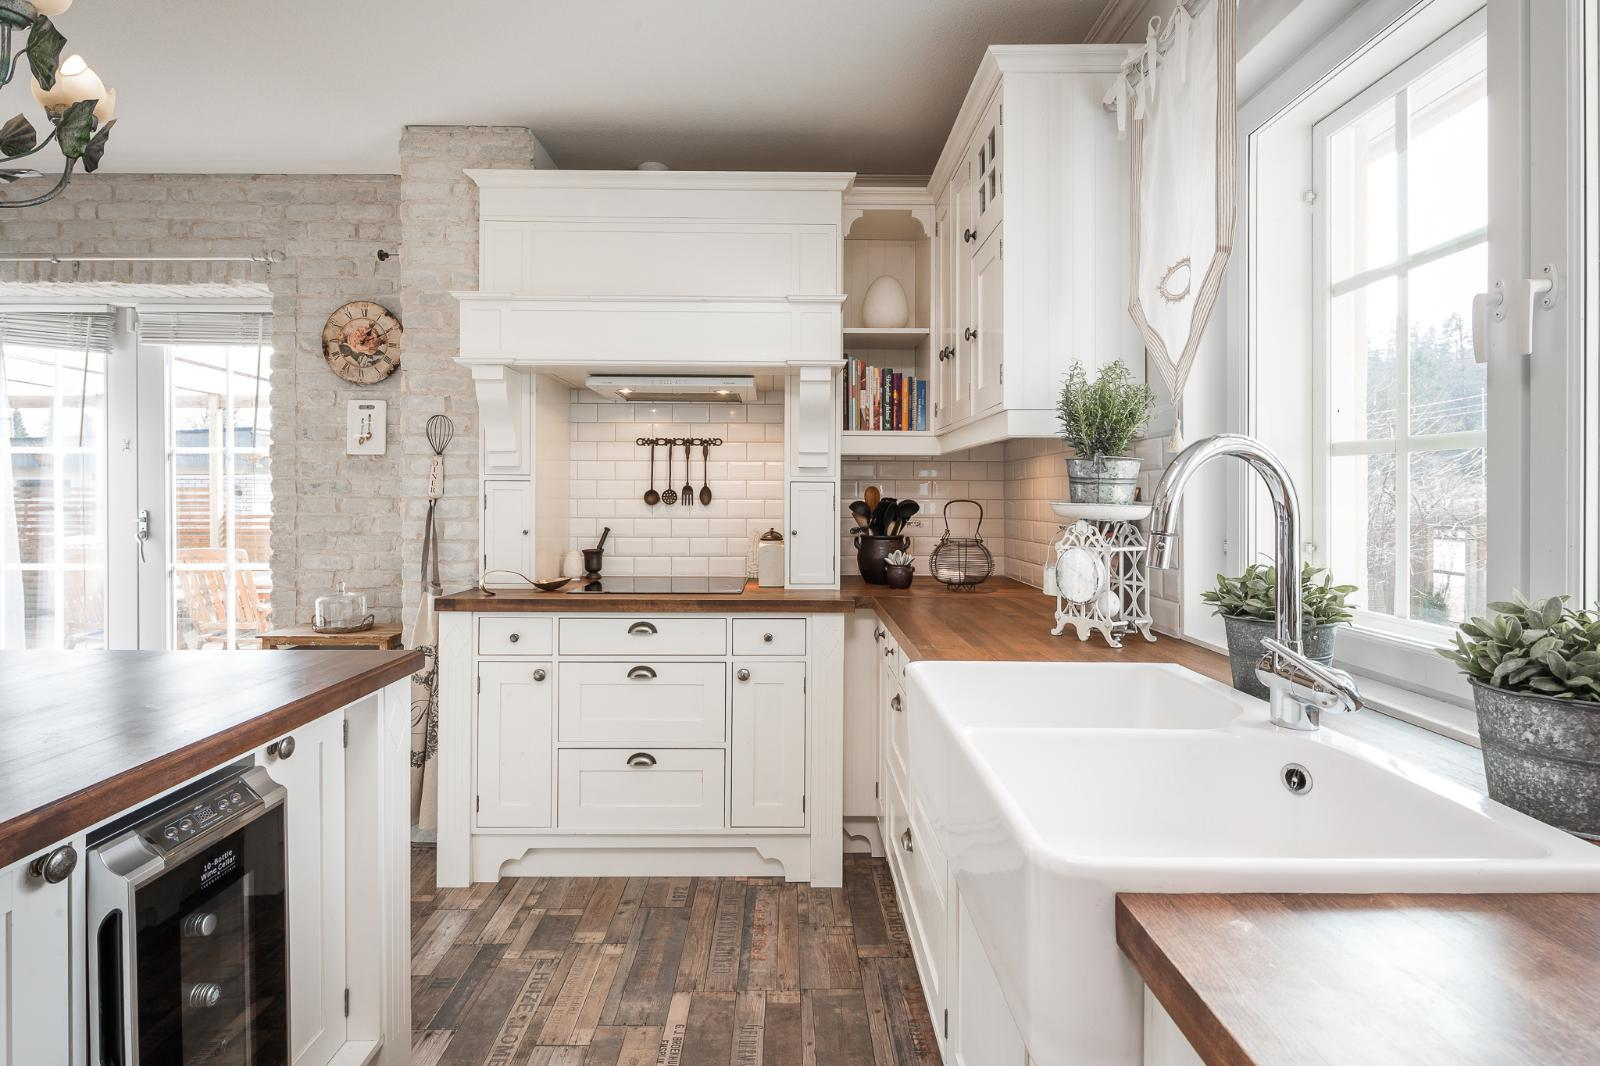 Lämmin ja kodikas tunnelma keittiössä  Etuovi com Ideat & vinkit